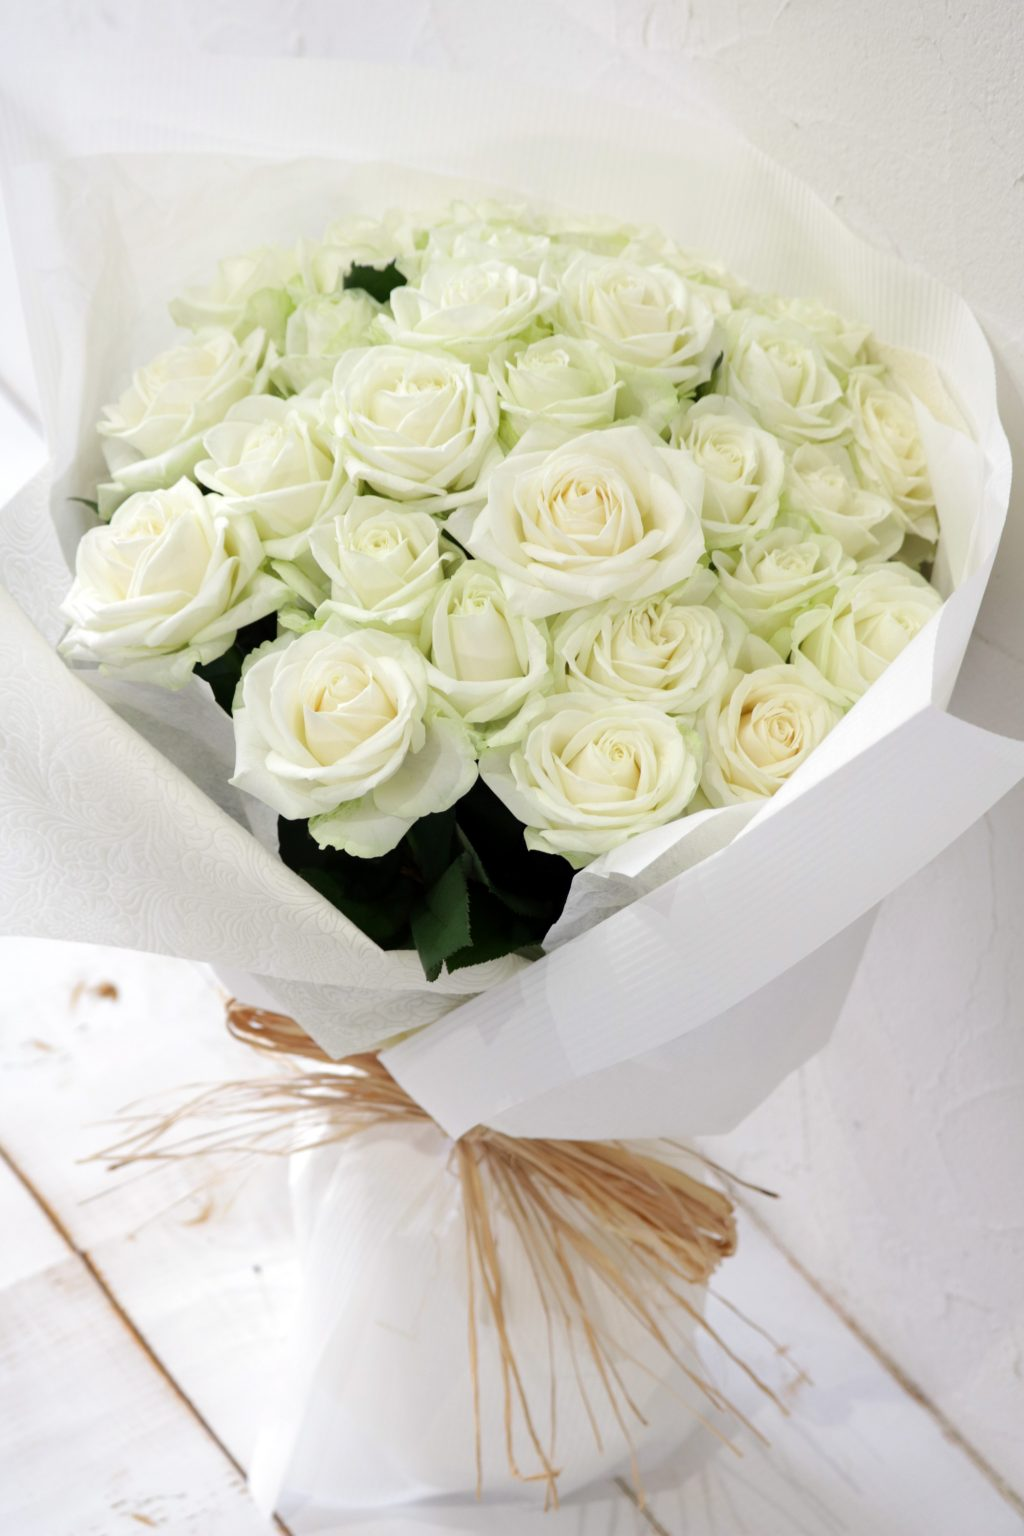 ホワイトデー 白いバラの花束